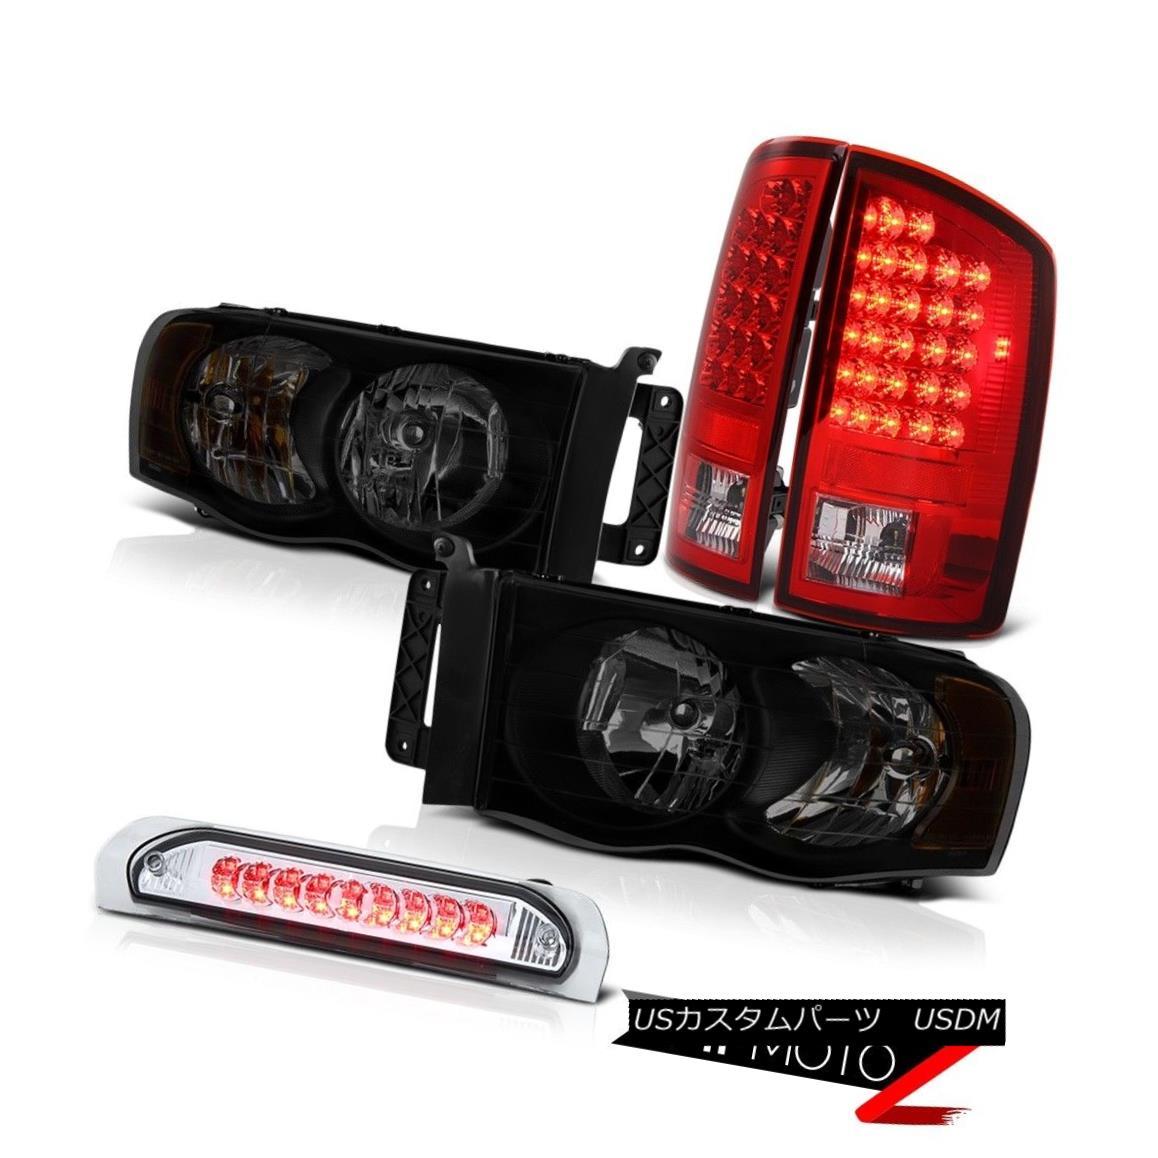 テールライト 02-05 Dodge Ram 1500 2500 4.7L Headlamps Euro Chrome Roof Cab Light Taillights 02-05 Dodge Ram 1500 2500 4.7Lヘッドランプユーロクロームルーフキャブライトテールライト